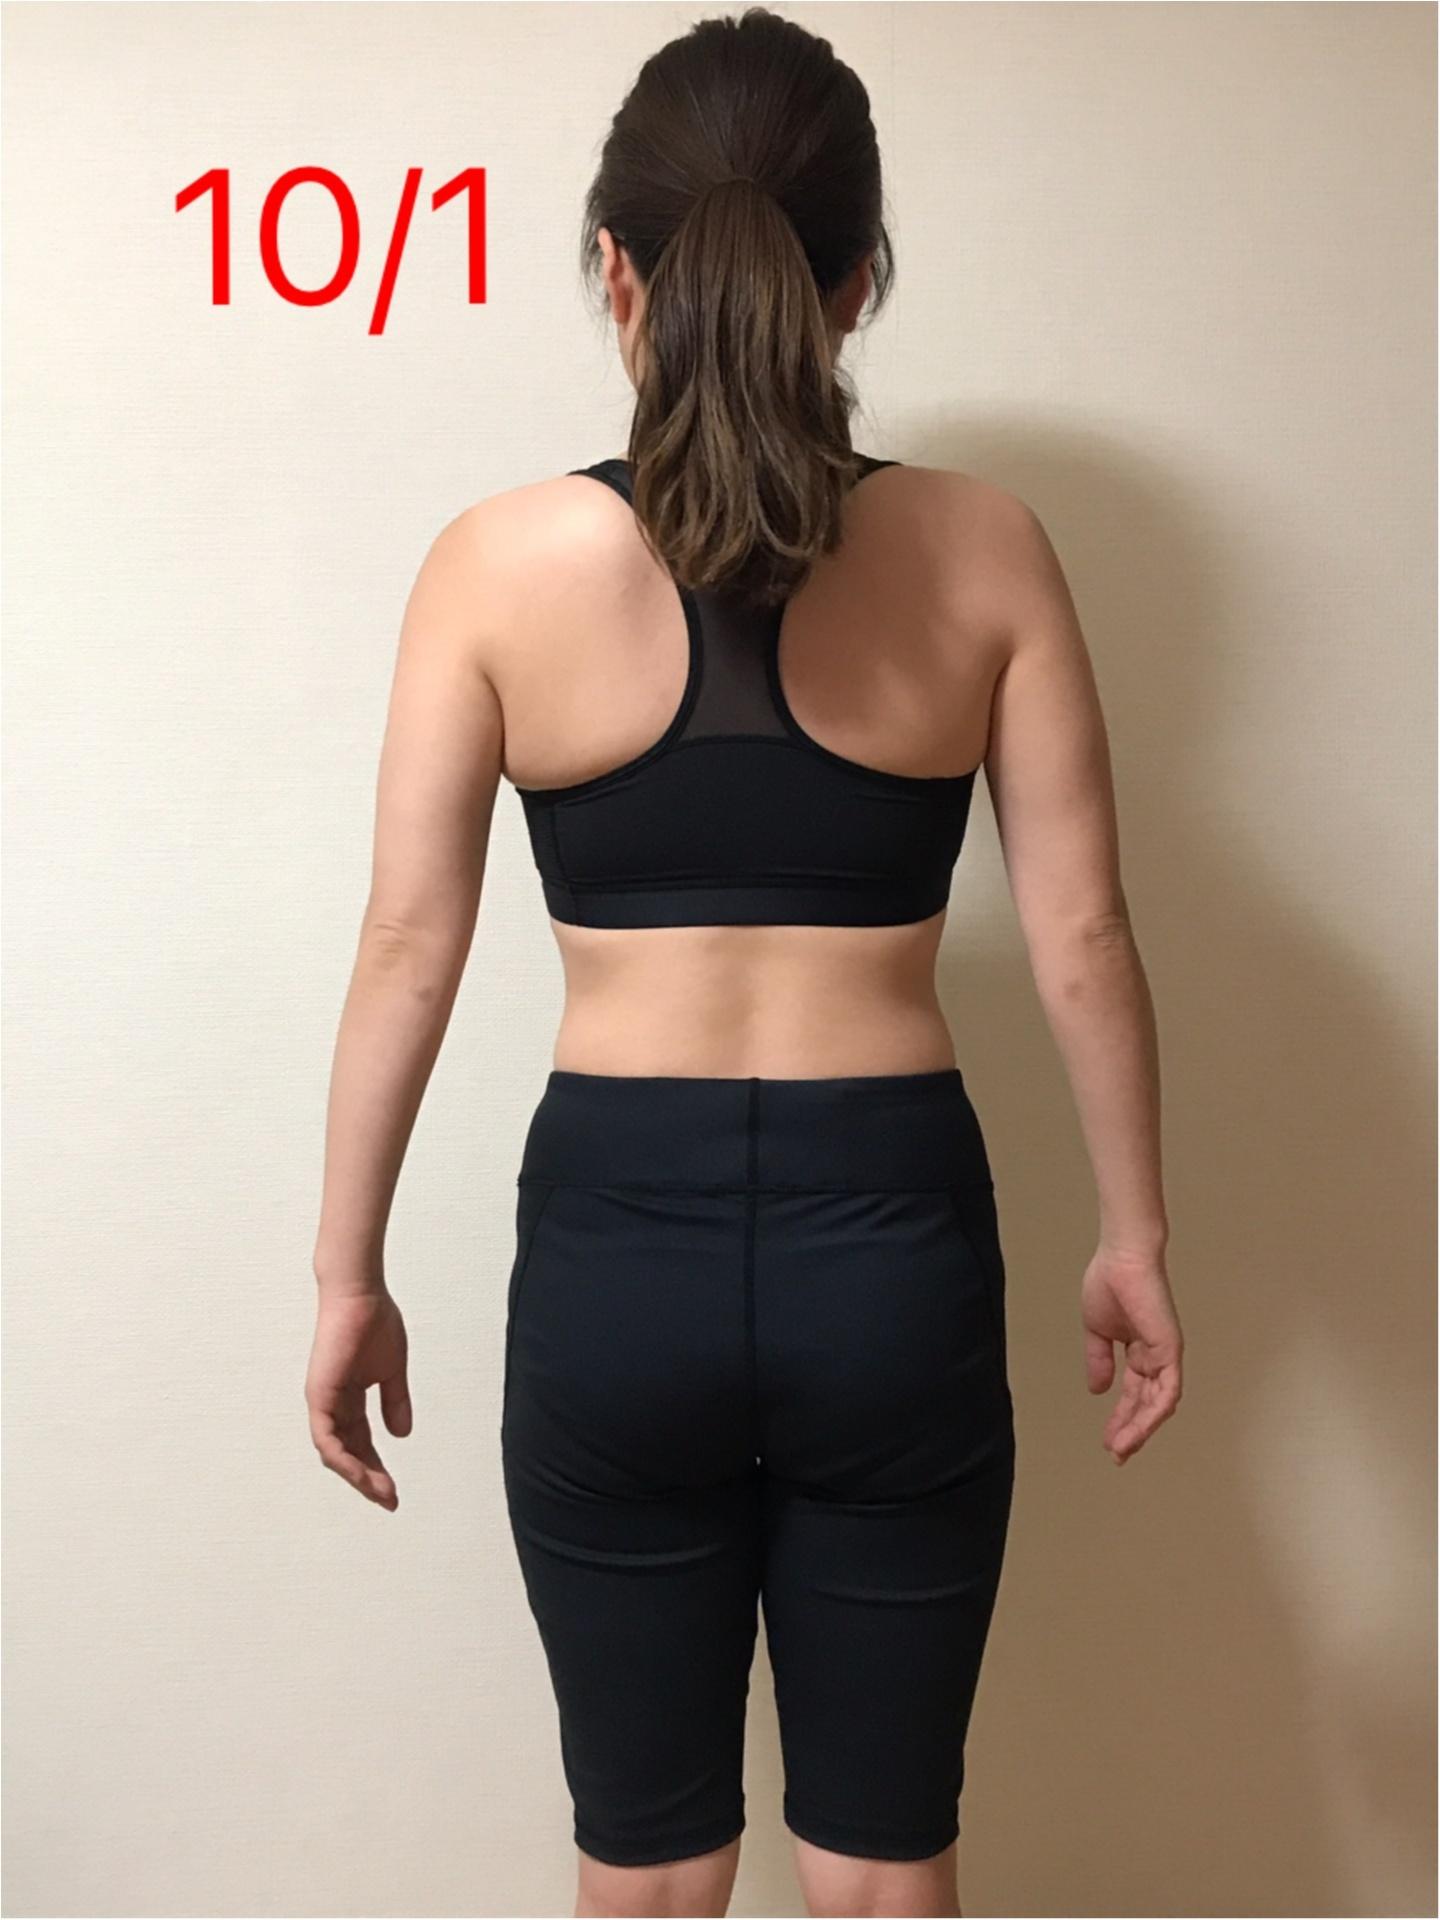 【9月の結果報告】スタートから-6.6キロ! 目標達成まであ、あと0.4キロに♪【#モアチャレ 7キロ痩せ】_3